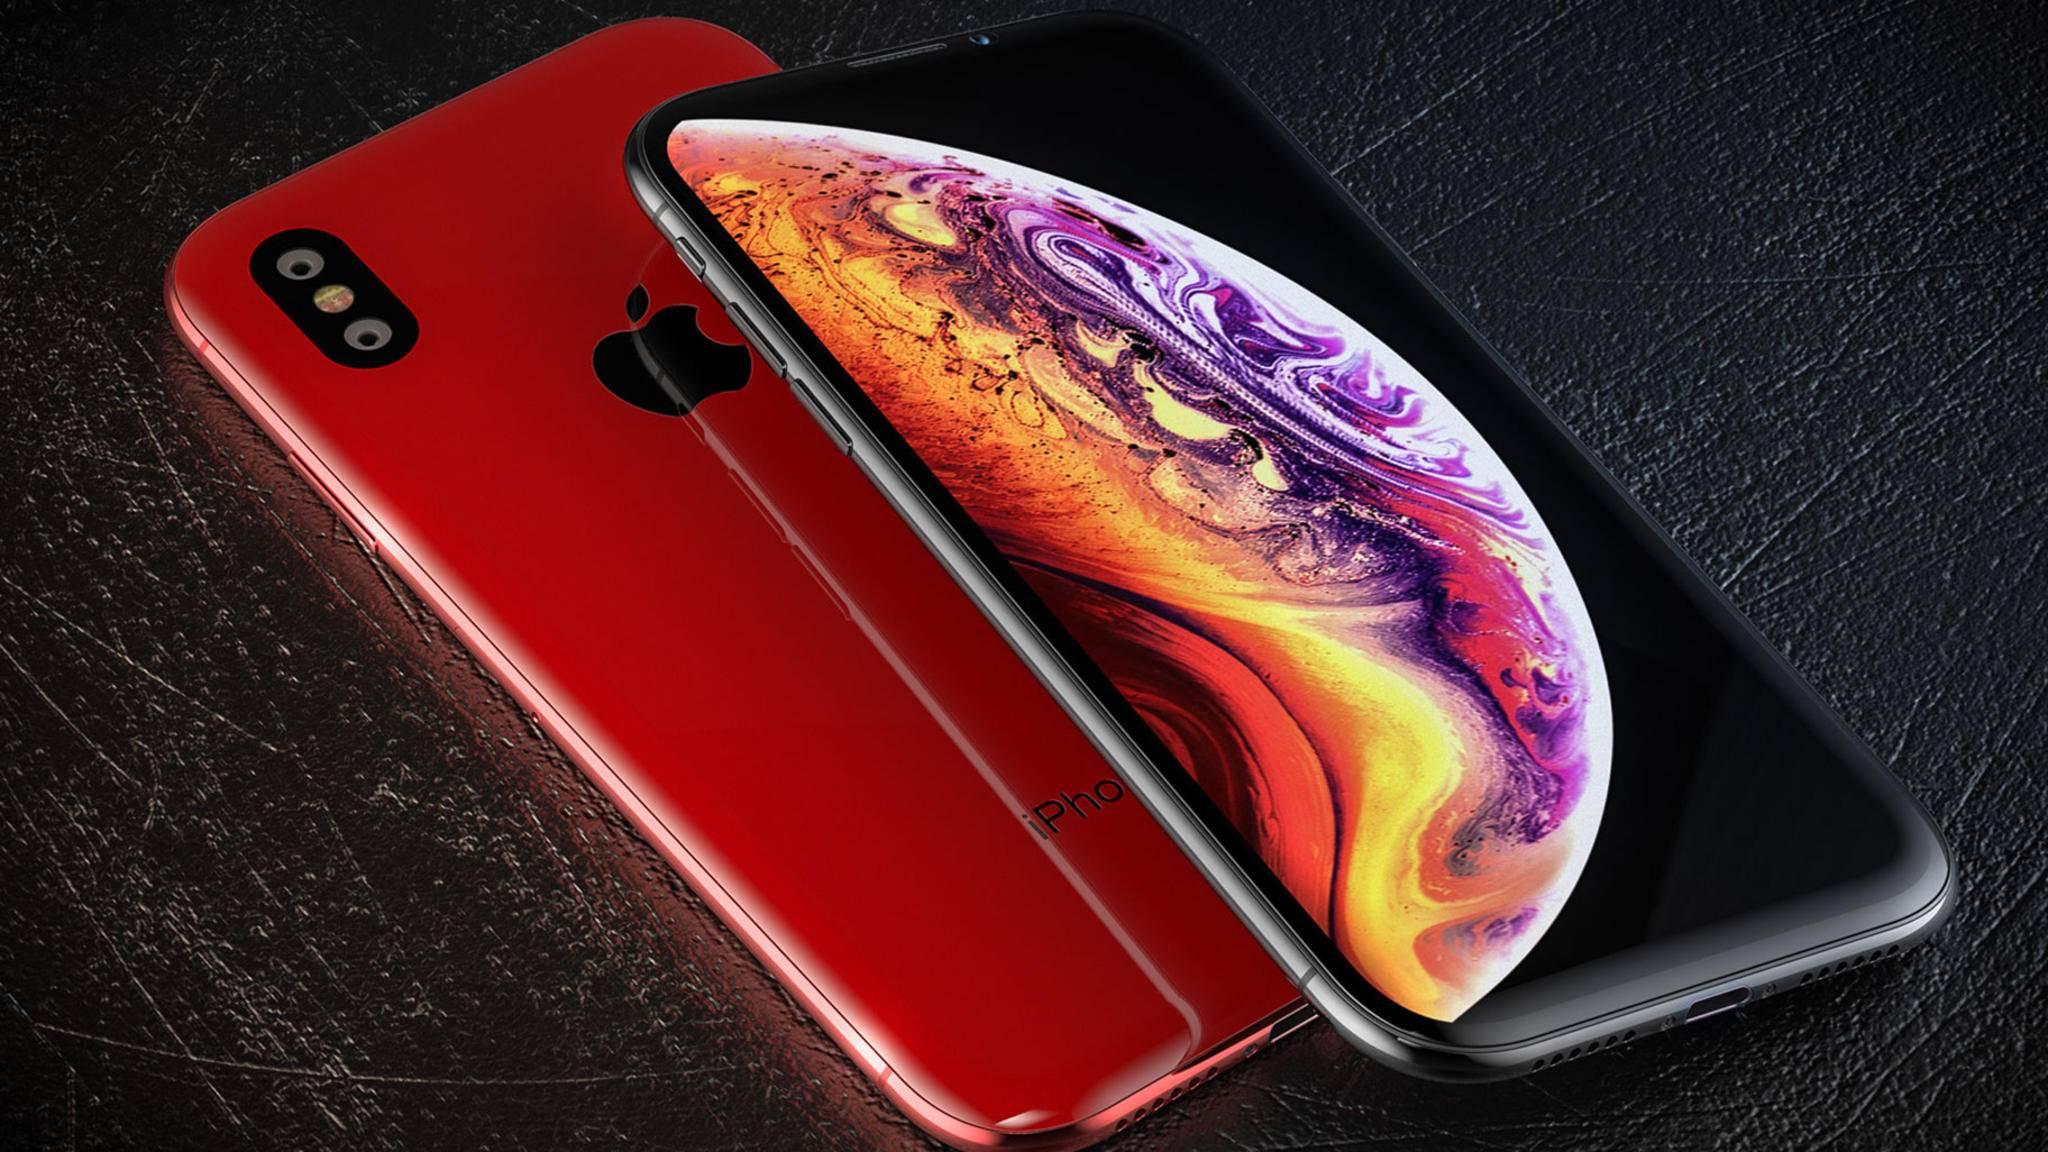 Das iPhone 2019 soll andere Qi-kompatible Geräte kabellos mit Energie versorgen können.